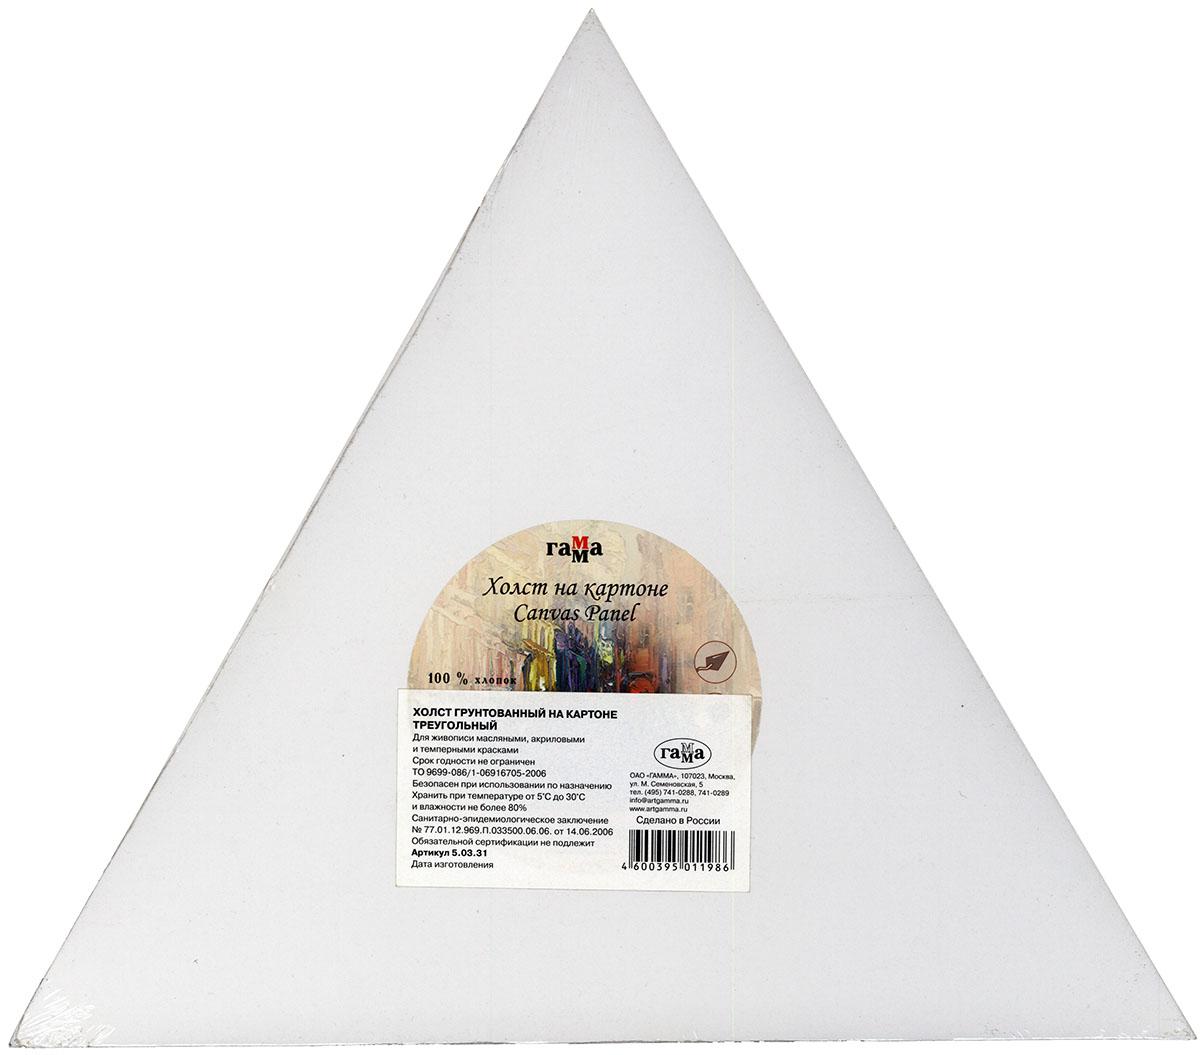 Холст на картоне 40,5см треугольный хлопок среднее зерно